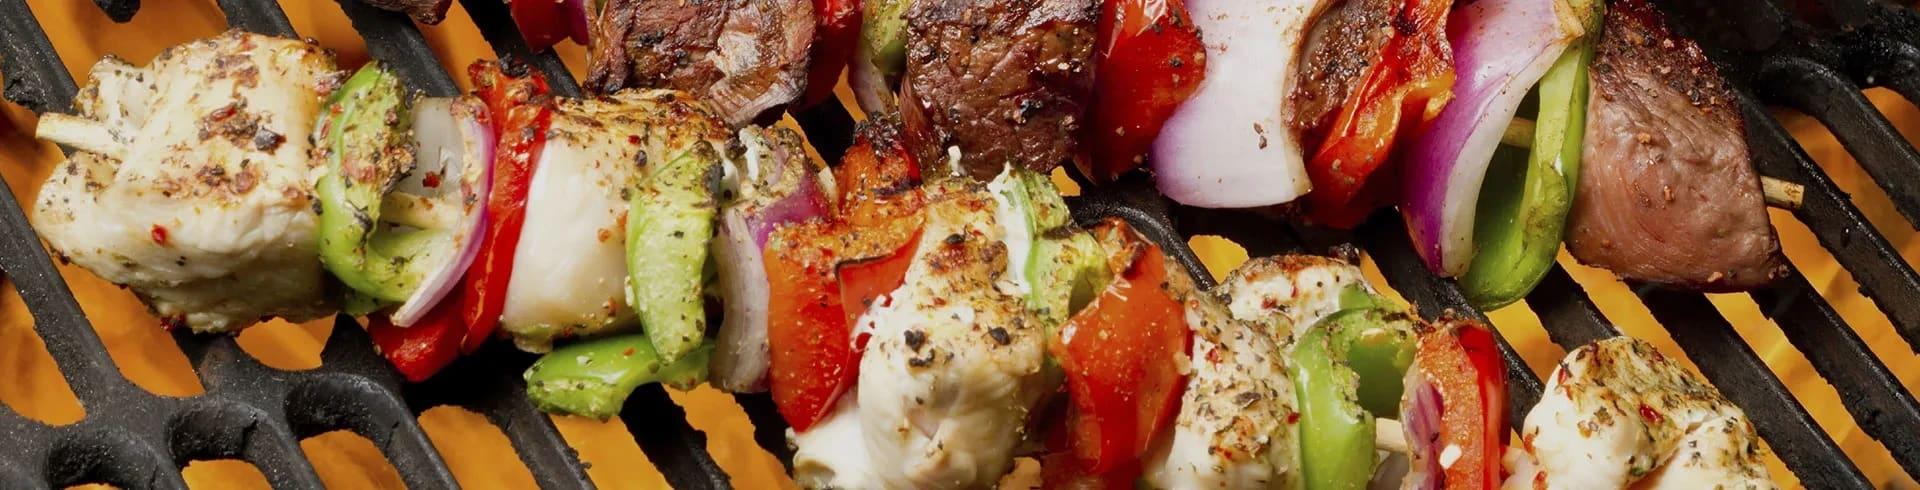 Grillade grönsaksspett med sting | Recept ICA.se